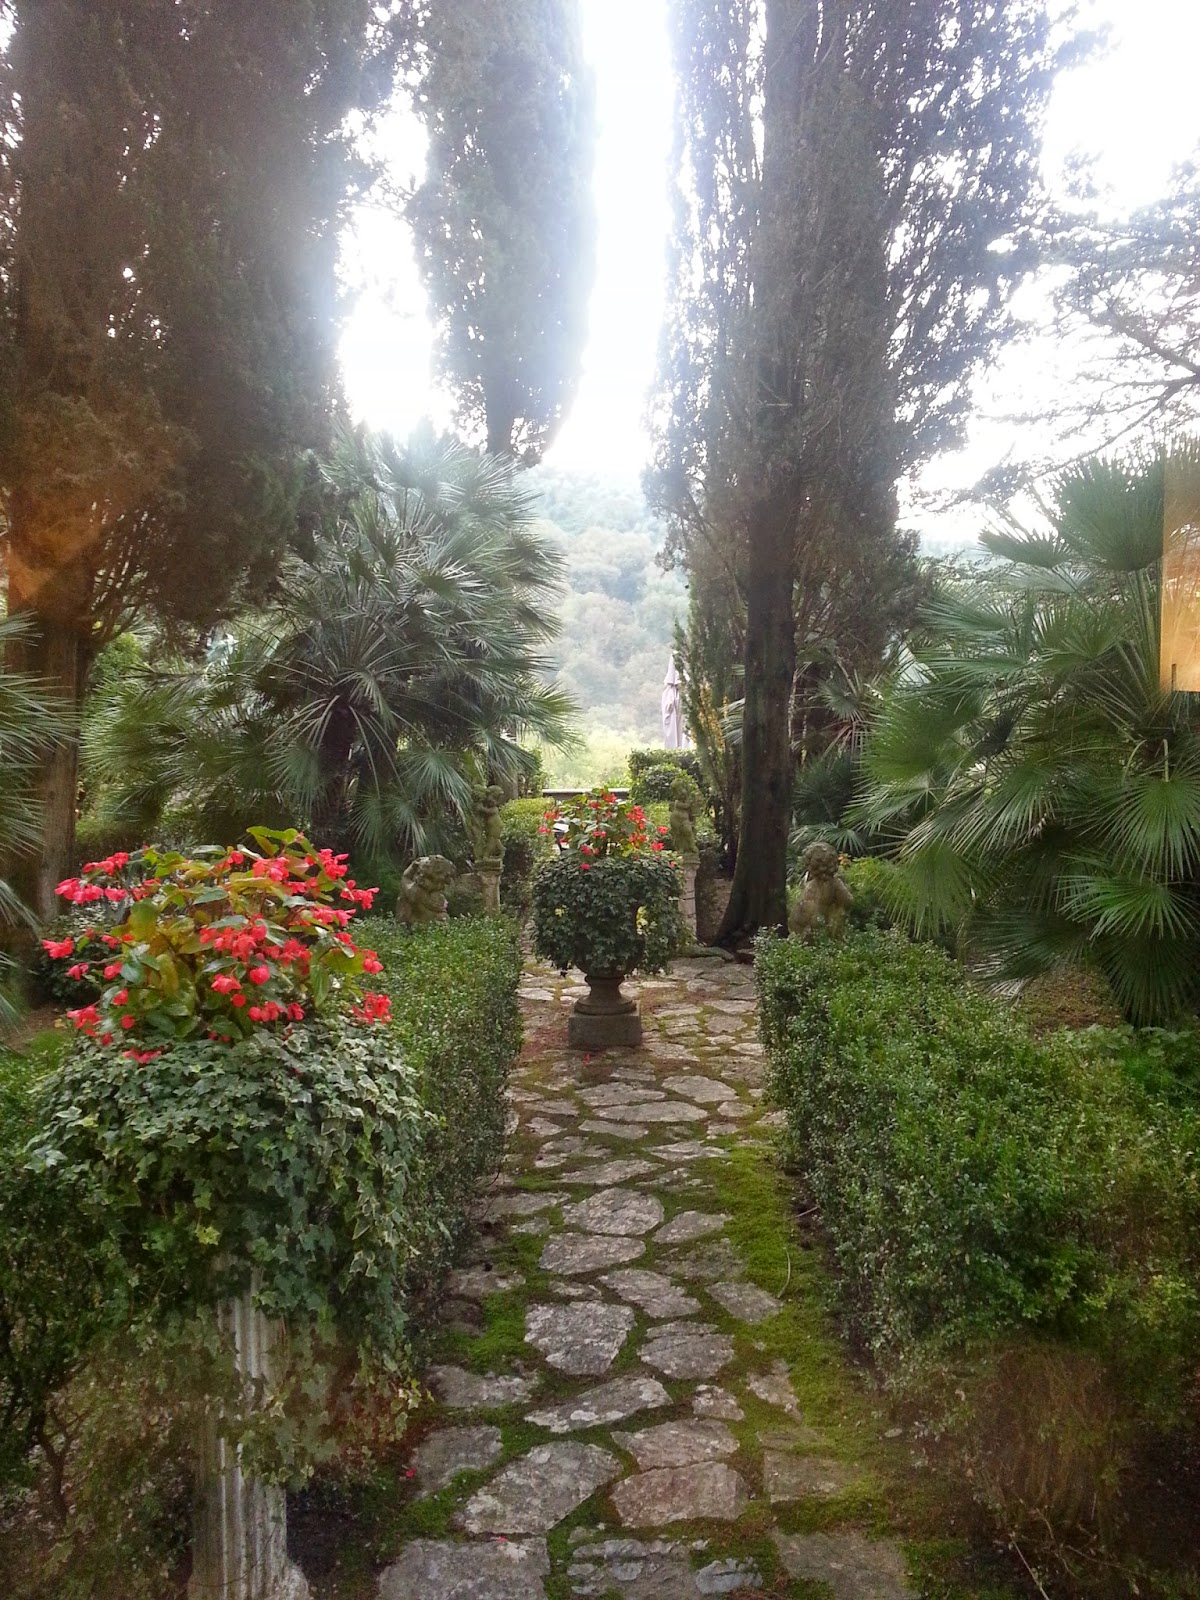 il servito buono: #sgttour monte pisano: terme,ville storiche, cultura - Piccolo Giardino Allitaliana